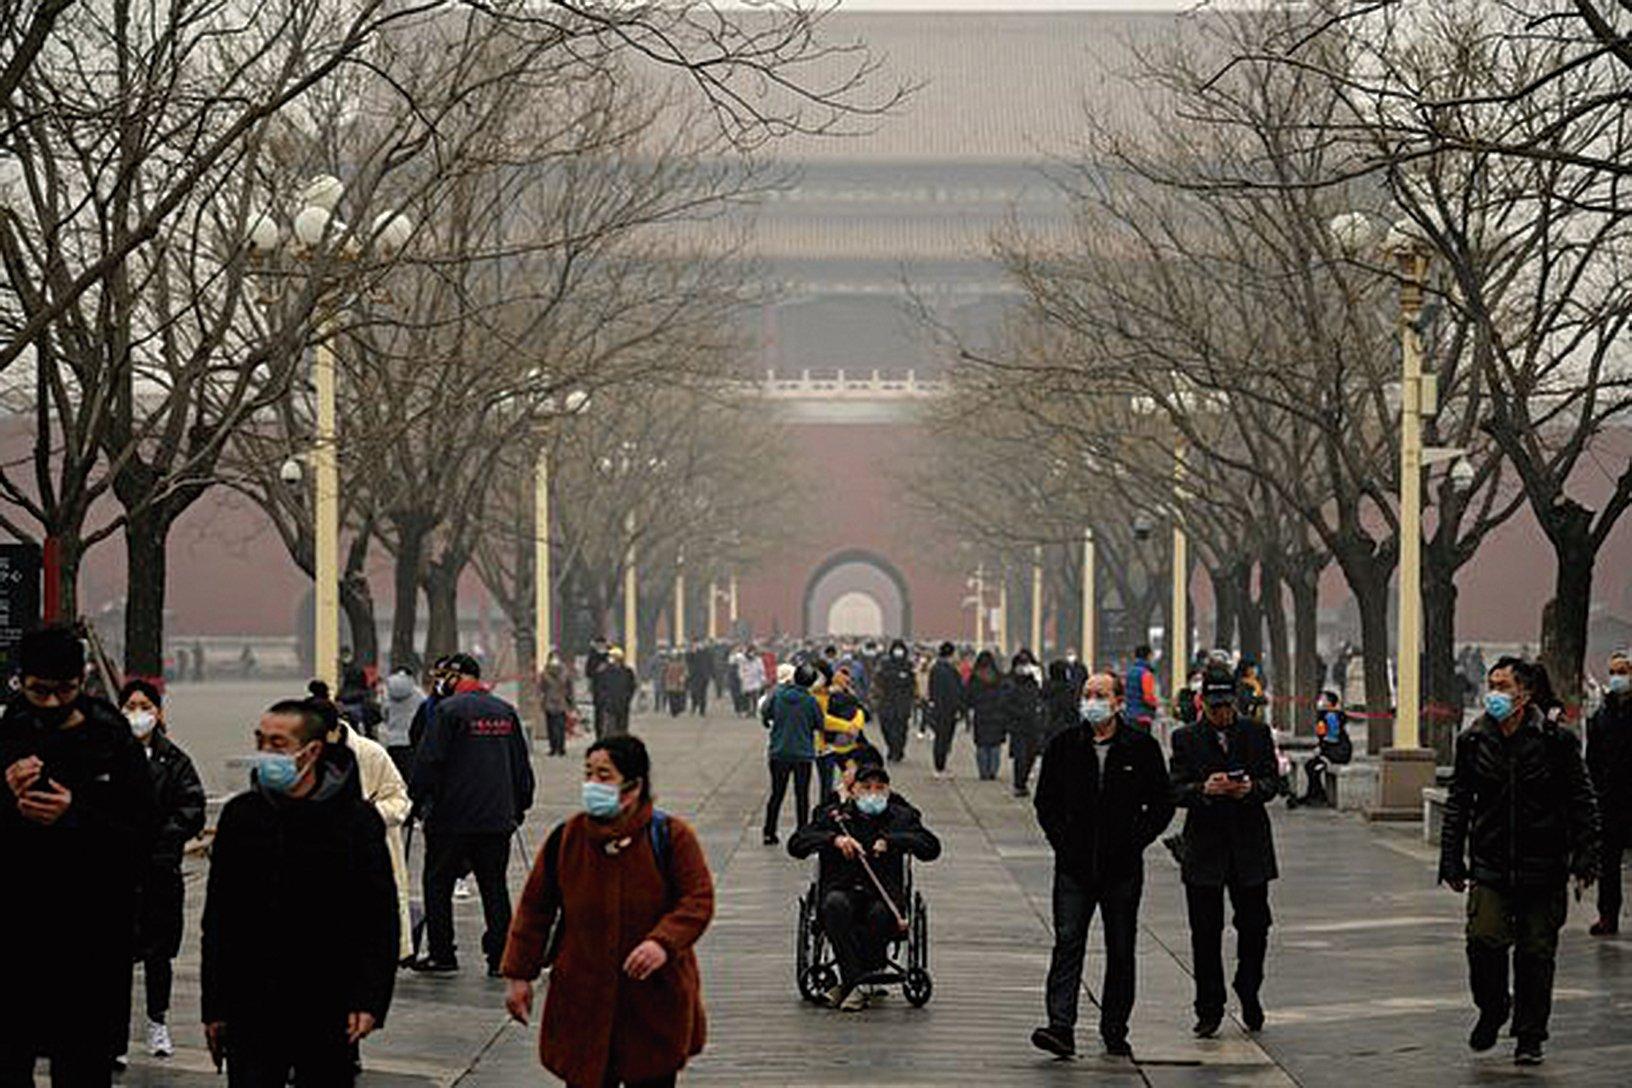 中國新年期間,多地出現陰霾天氣。圖為2021年2月13日、大年初二北京的陰霾情況。( NOEL CELIS/AFP via Getty Images)